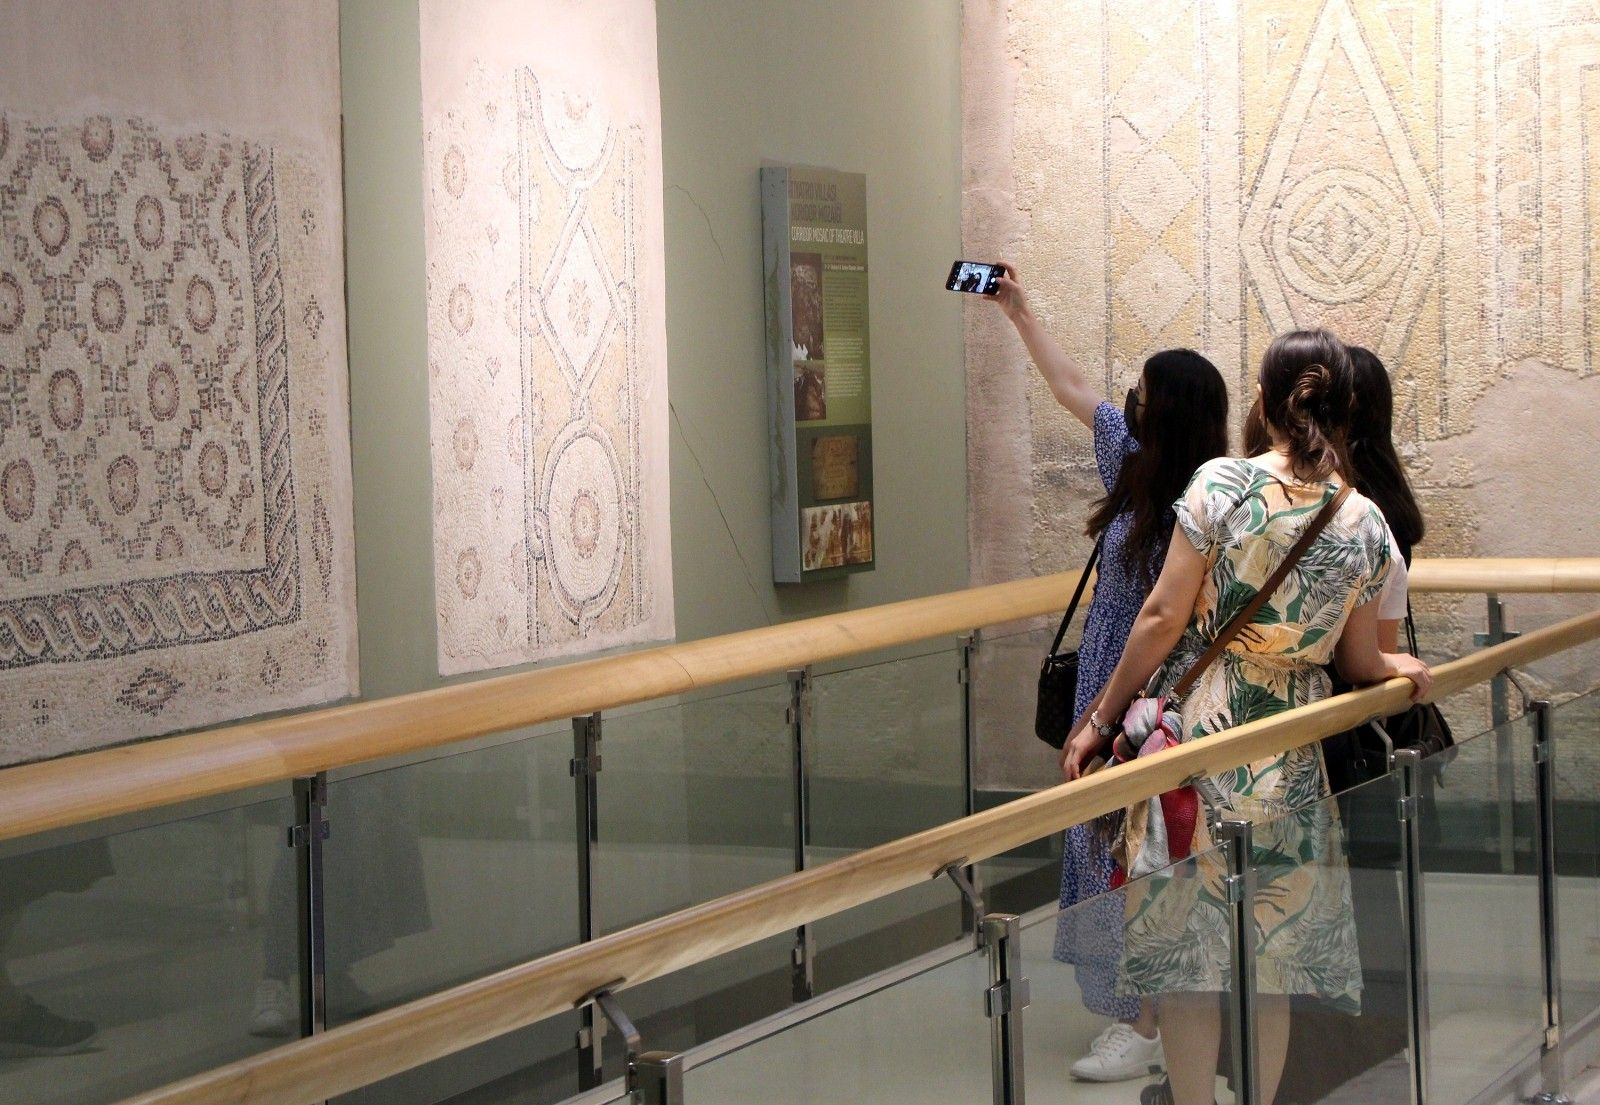 2021/06/dunyanin-en-buyuk-muzesi-ziyaretcilerini-bekliyor-20210613AW34-1.jpg